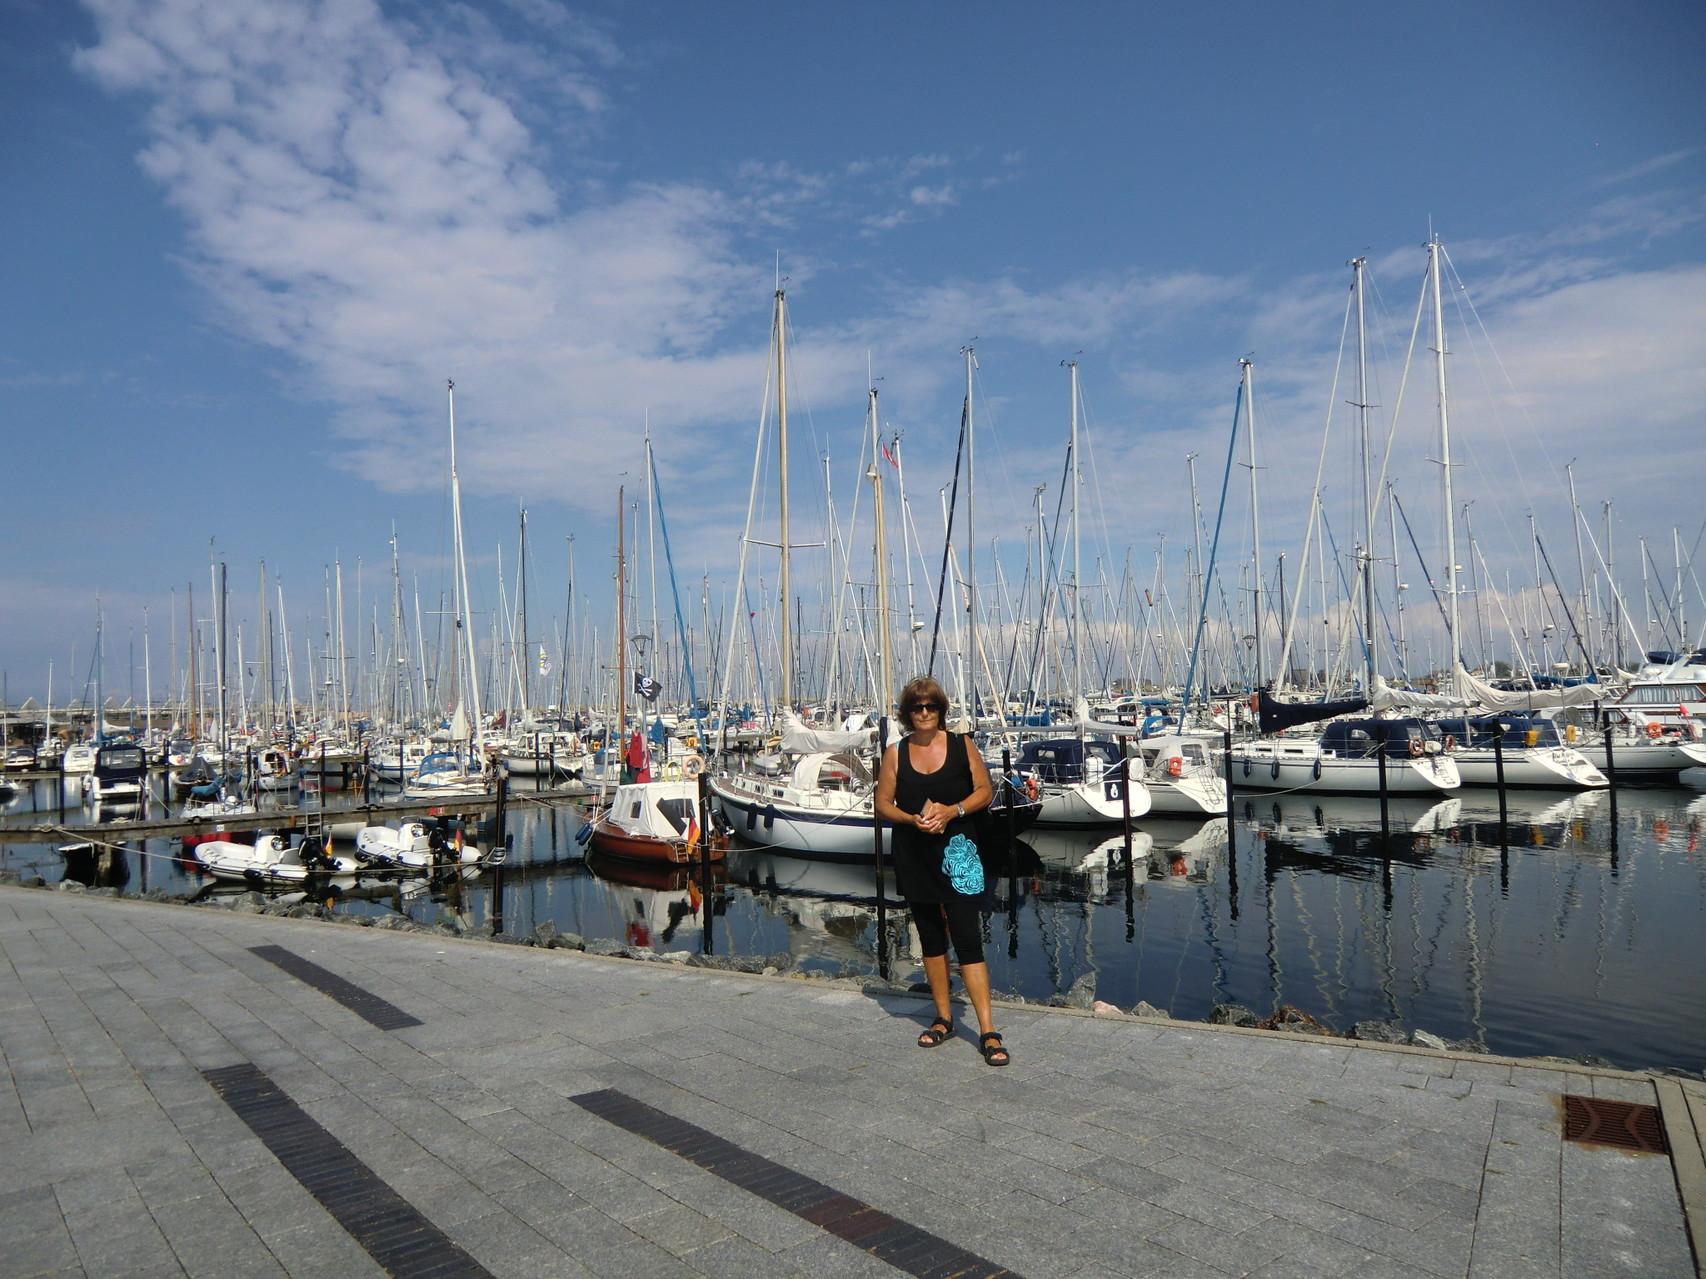 Boote im Hafen, so weit das Auge reicht